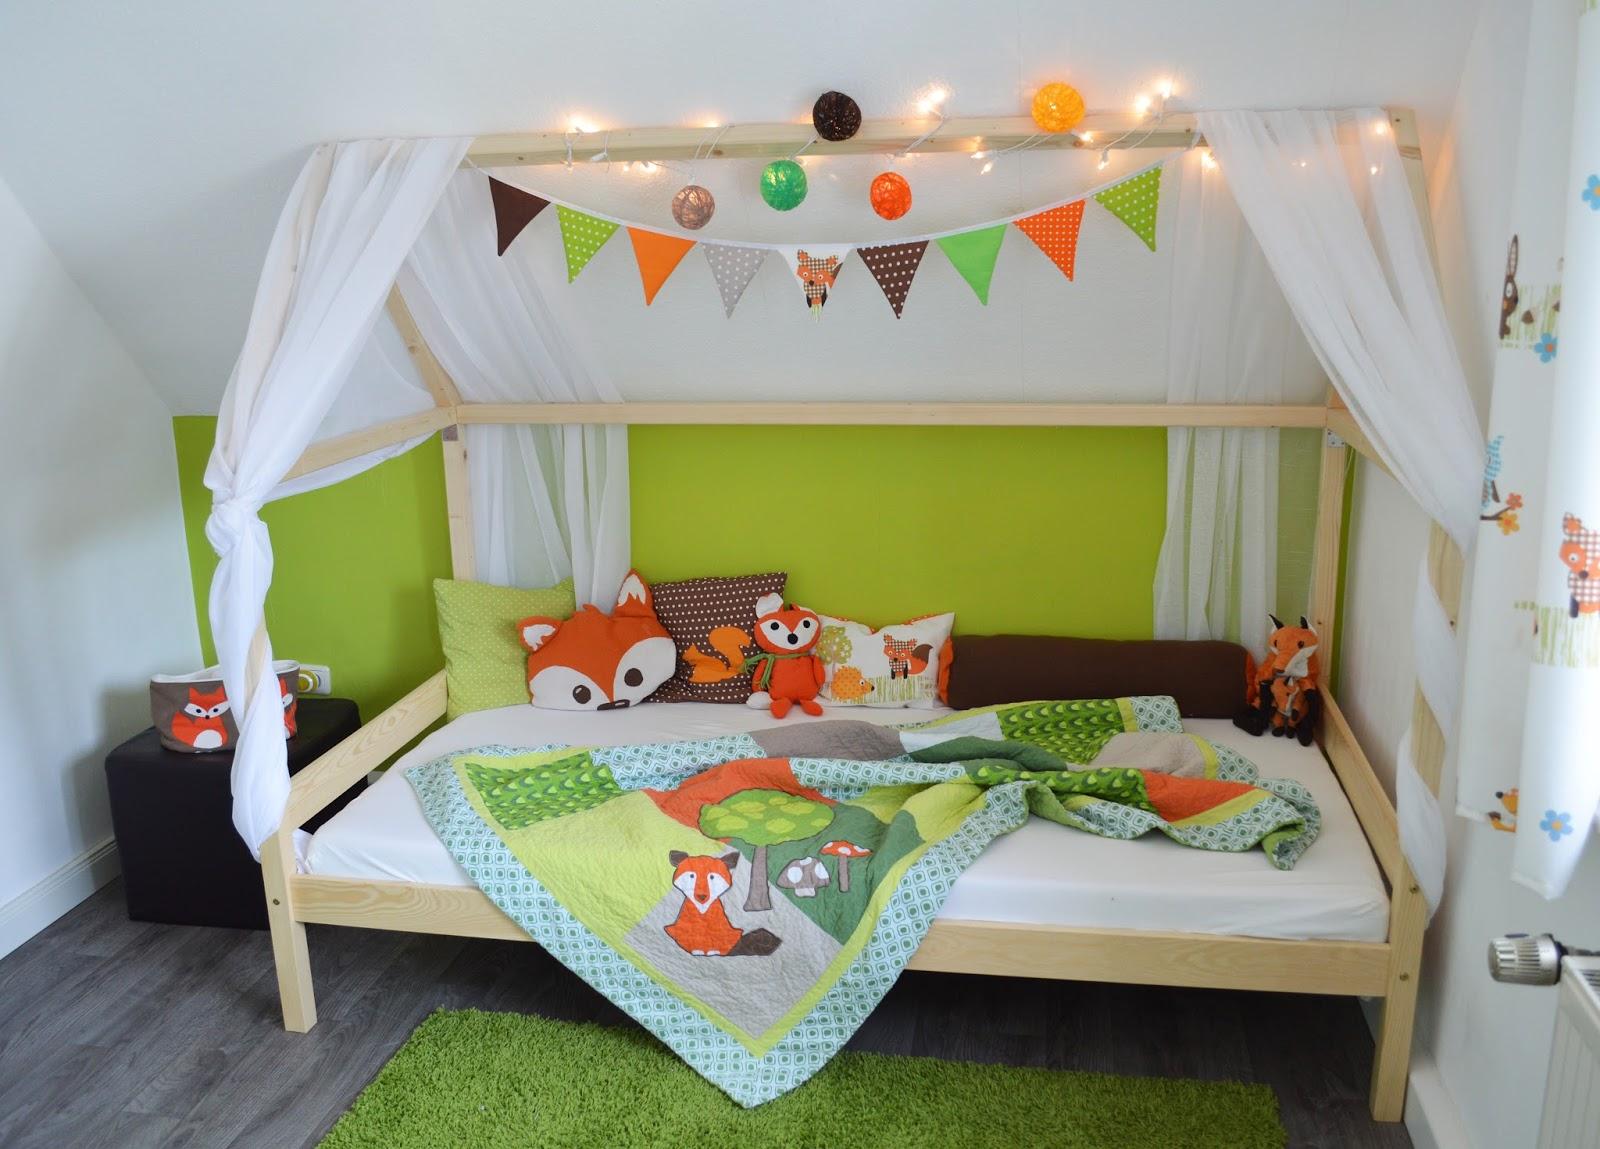 ideenwiese unser fuchsbau hausbett. Black Bedroom Furniture Sets. Home Design Ideas